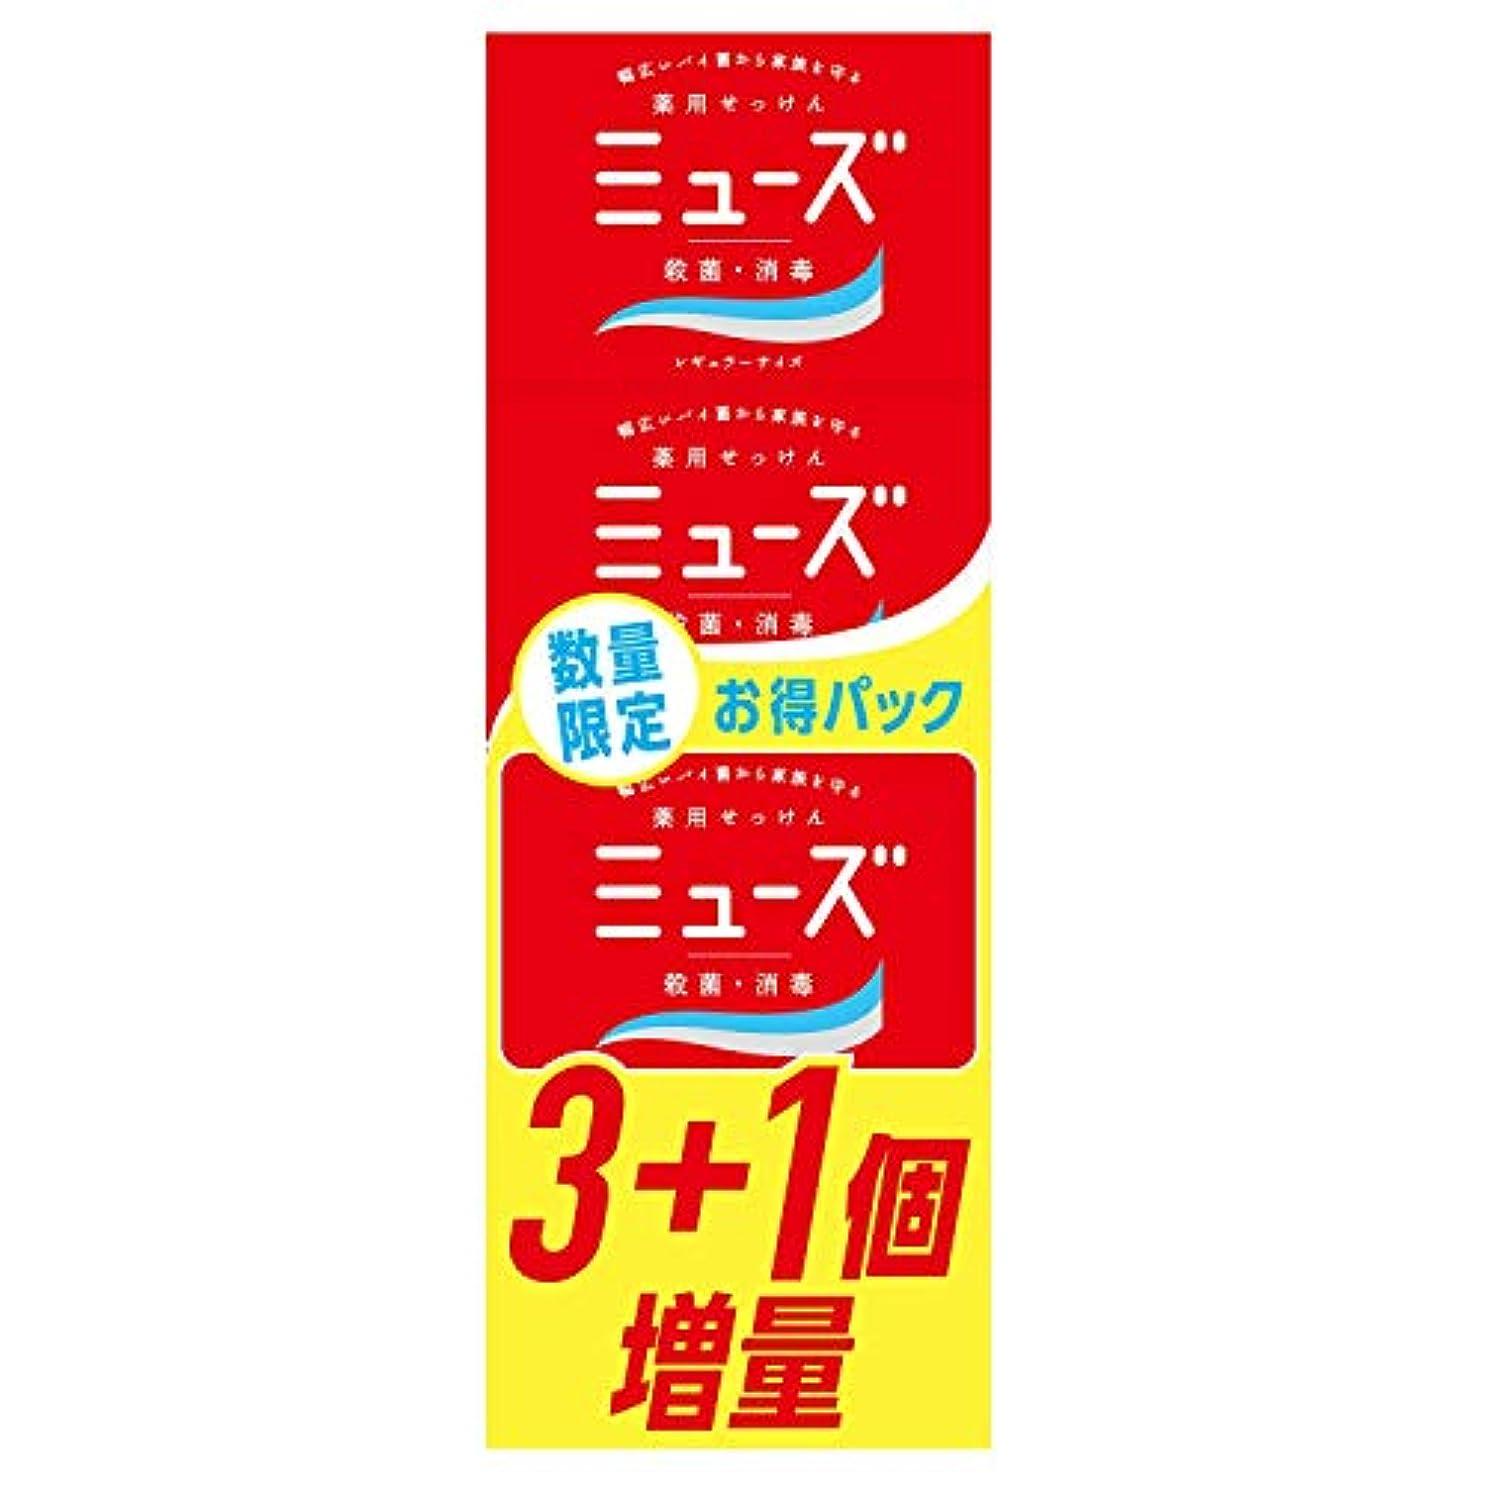 ご飯早めるしたい【医薬部外品】ミューズ石鹸レギュラー 3+1限定品